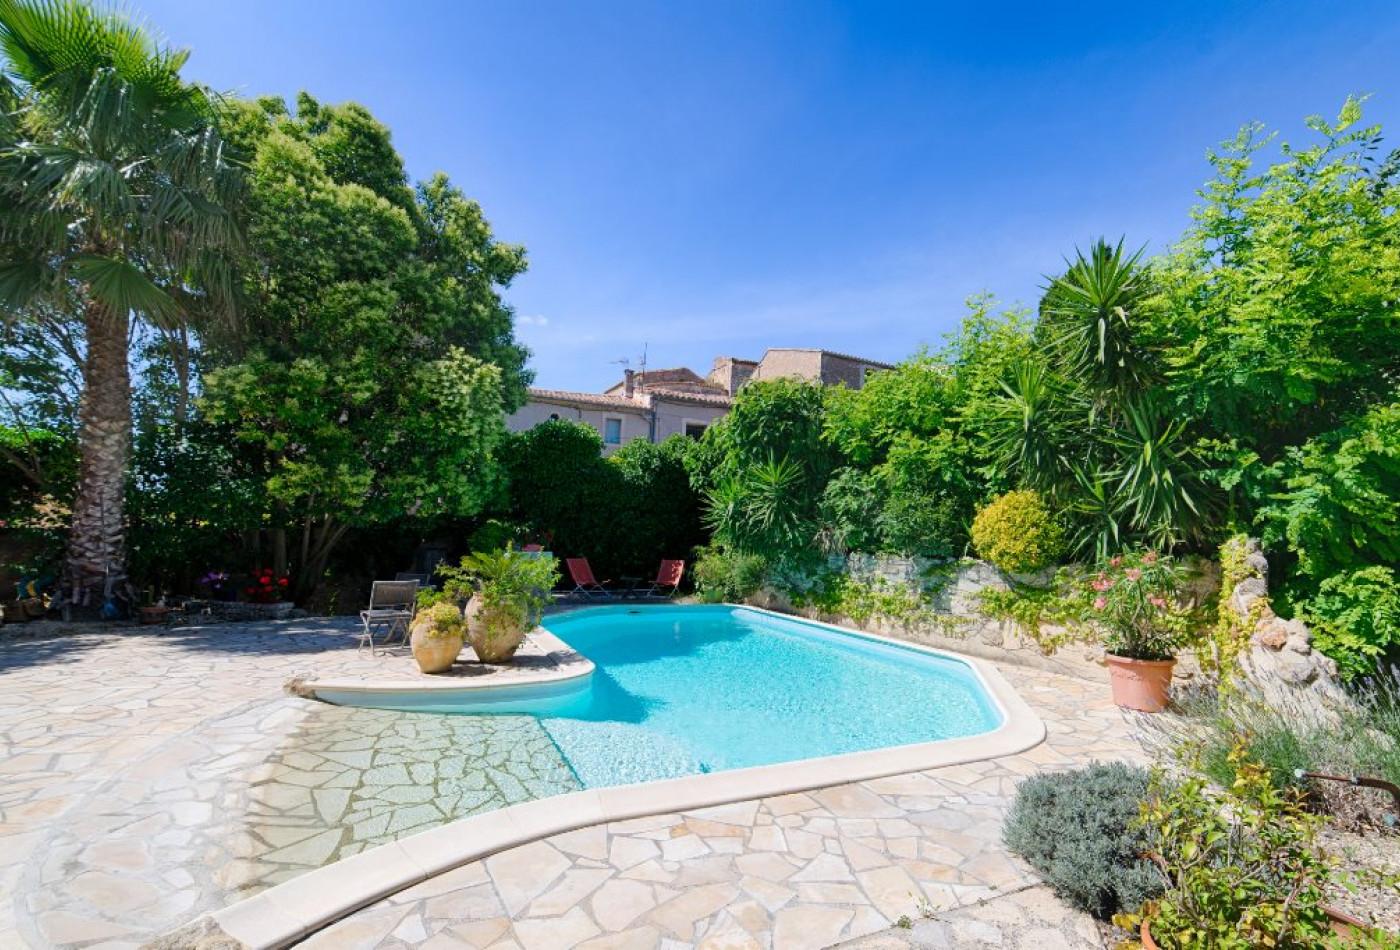 Maison en vente pezenas rf340135306 agence casanova - Pezenas piscine ...